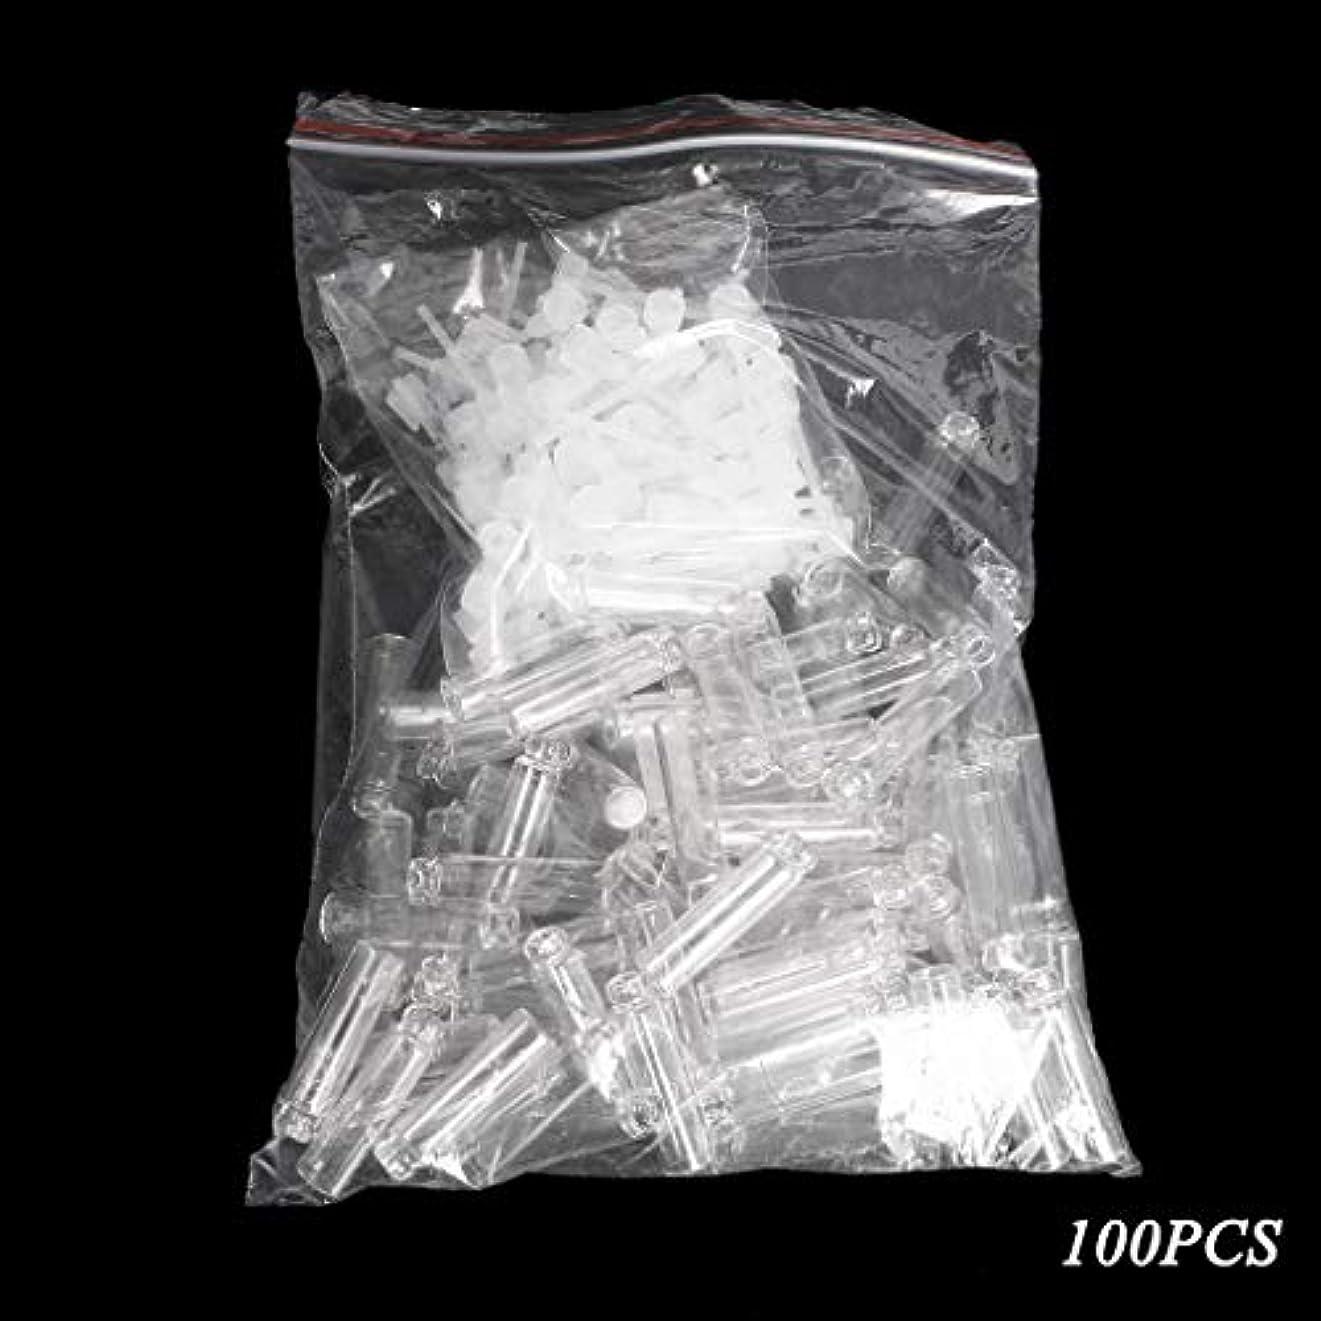 失礼通行人倒錯Dabixx 100個/ロットの小型化粧品の香水の精油のサンプルガラスビンの容器 - 透明(1ml) - 100個